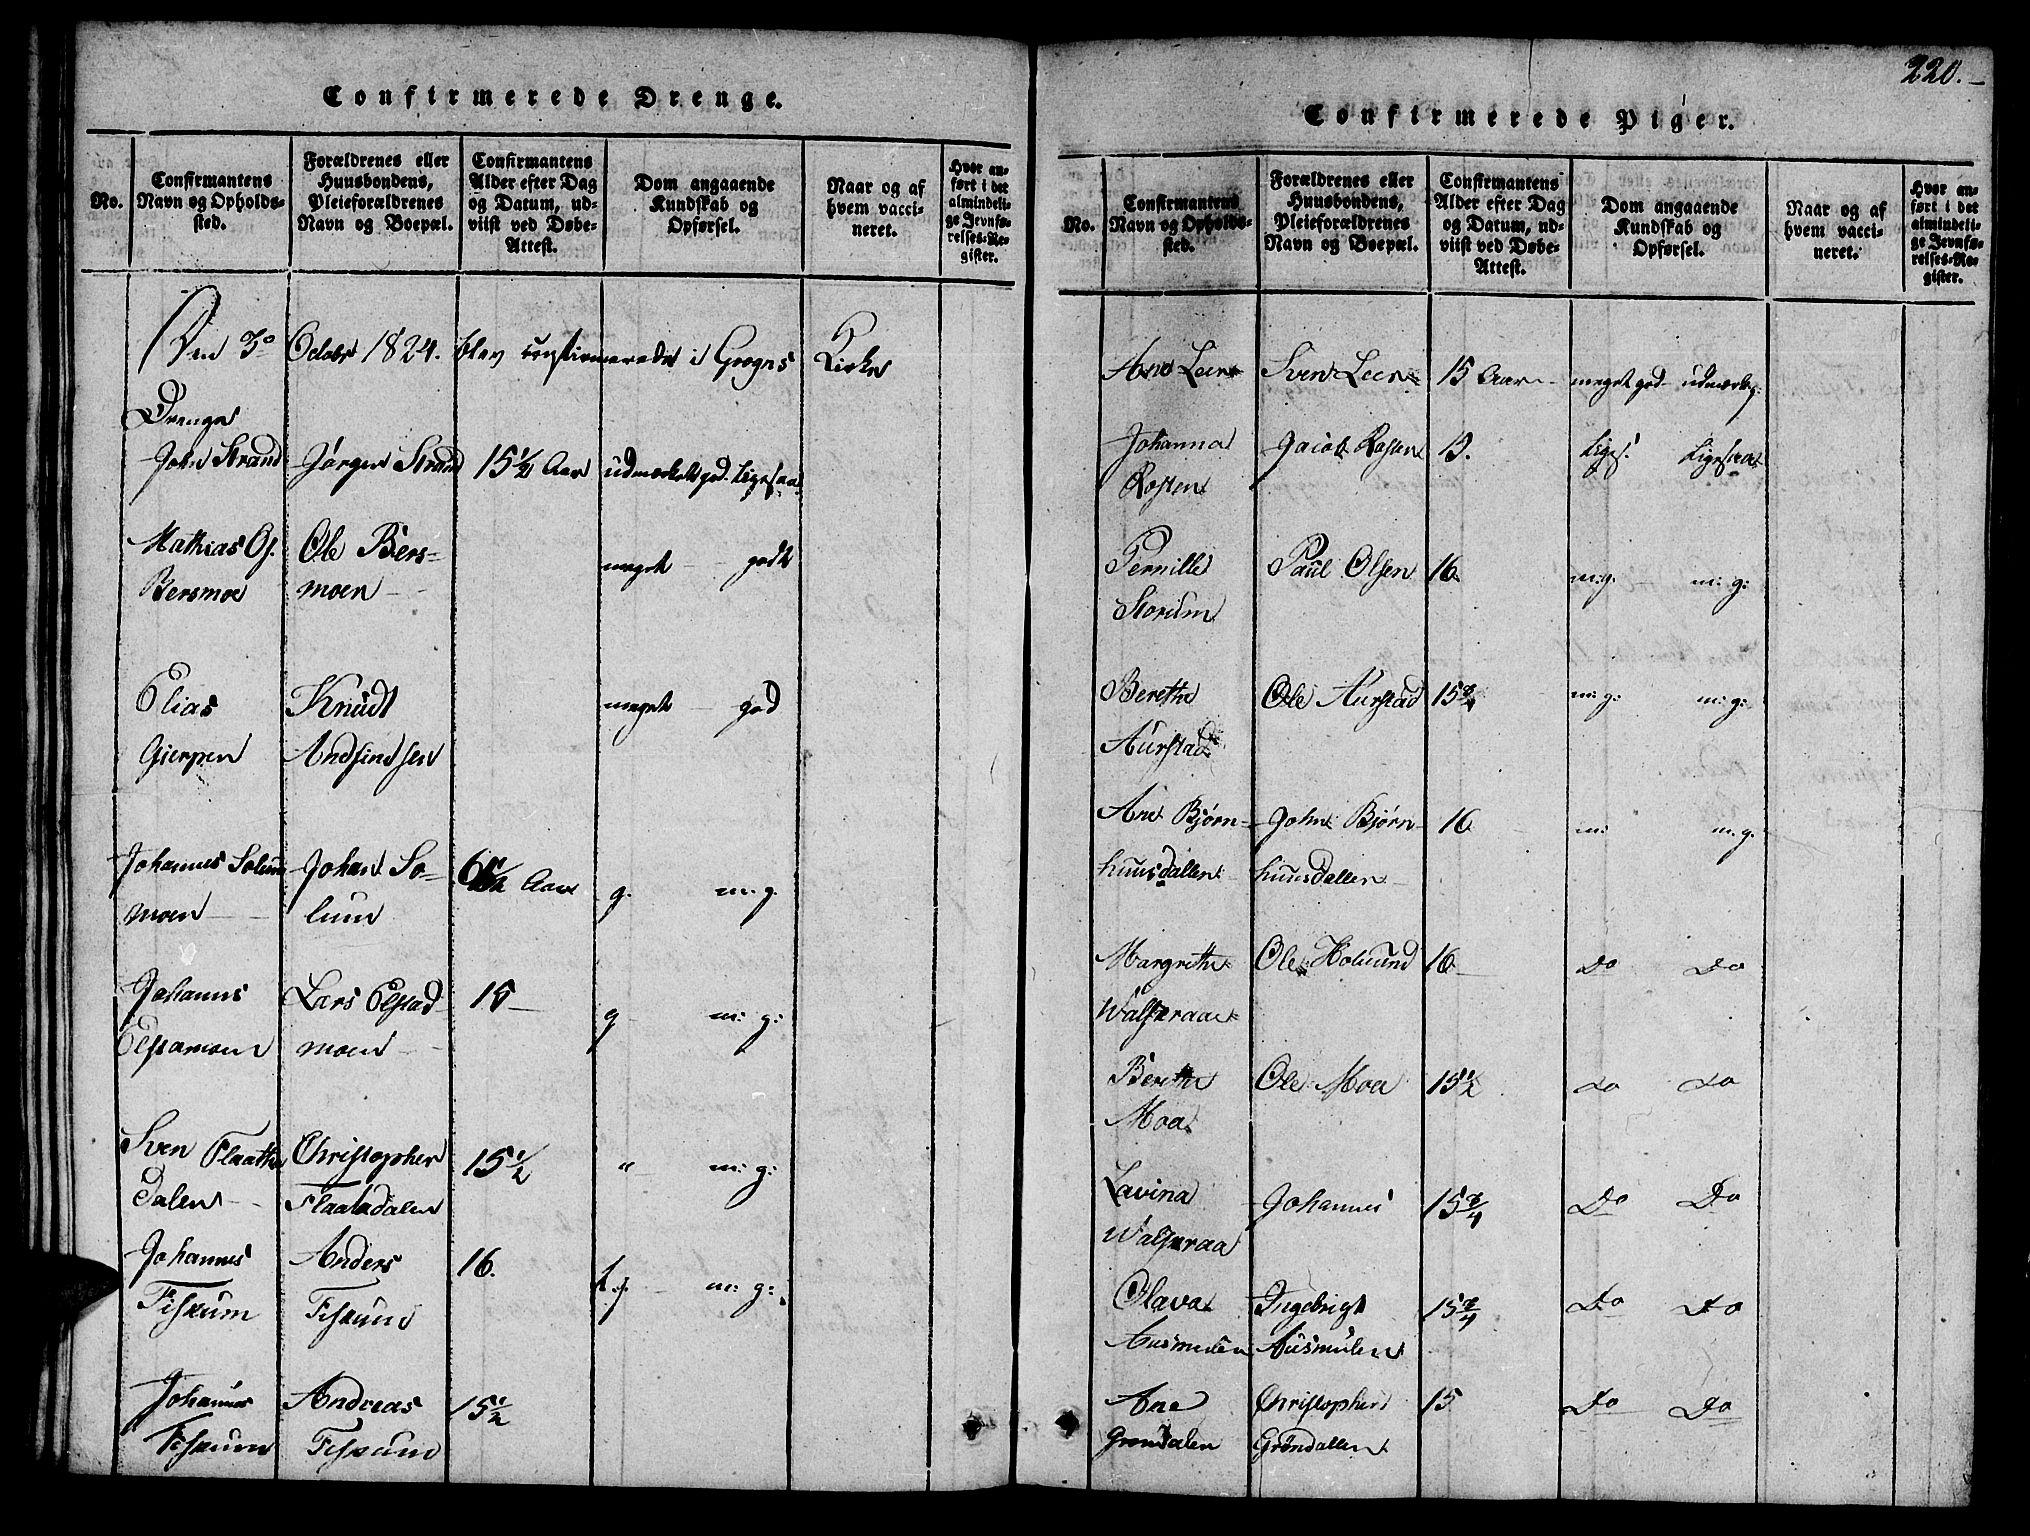 SAT, Ministerialprotokoller, klokkerbøker og fødselsregistre - Nord-Trøndelag, 758/L0521: Klokkerbok nr. 758C01, 1816-1825, s. 220